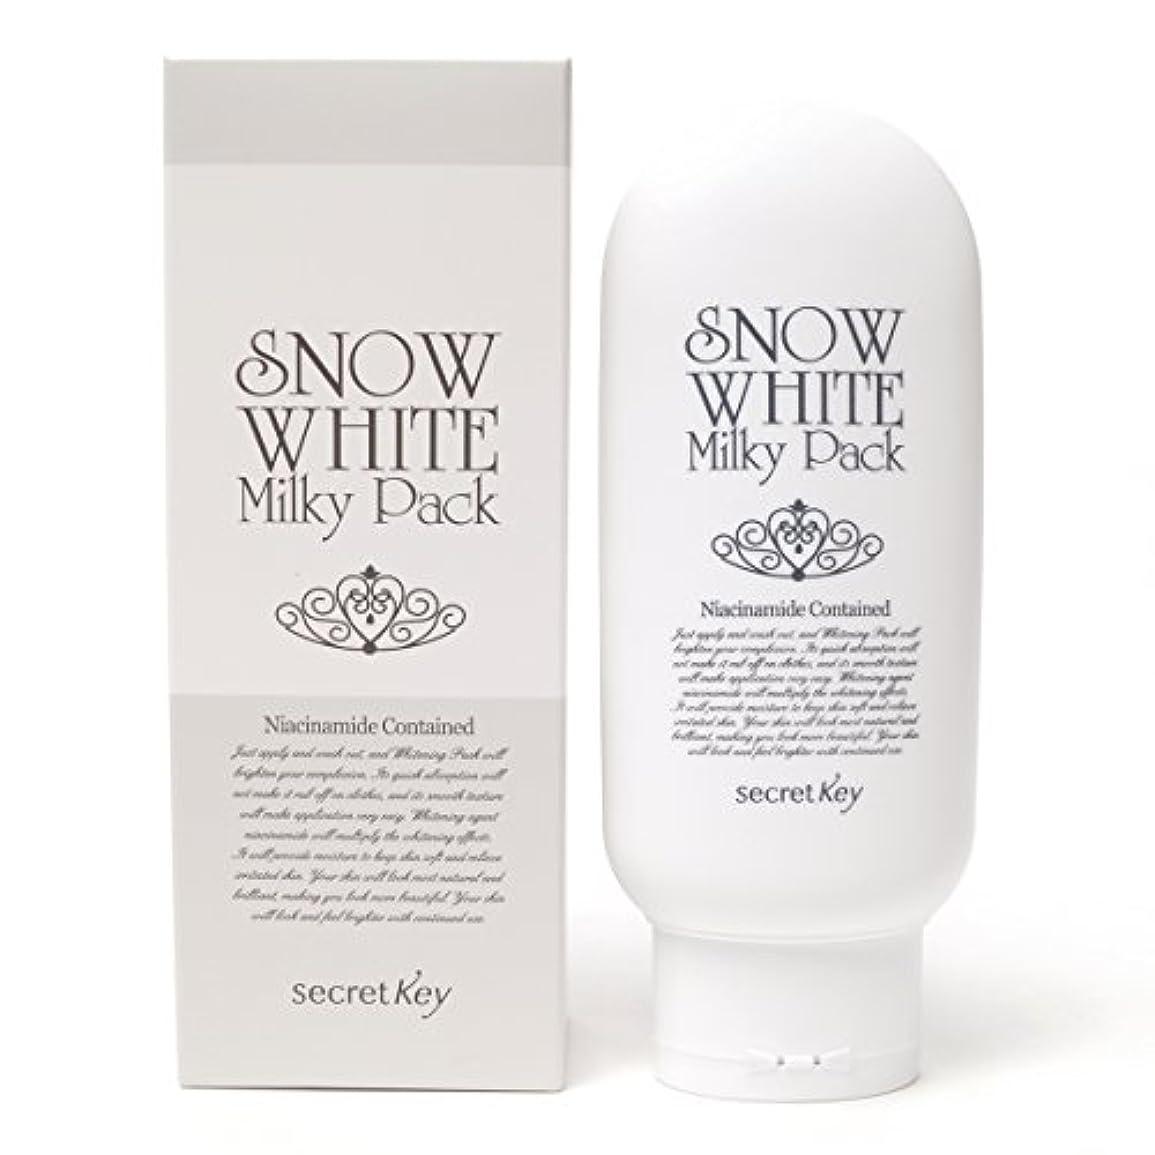 縮約微生物汚れるSecret key シークレッドキー スノー?ホワイト?ミルキー?パック 200g (Snow White Milky Pack) 海外直送品